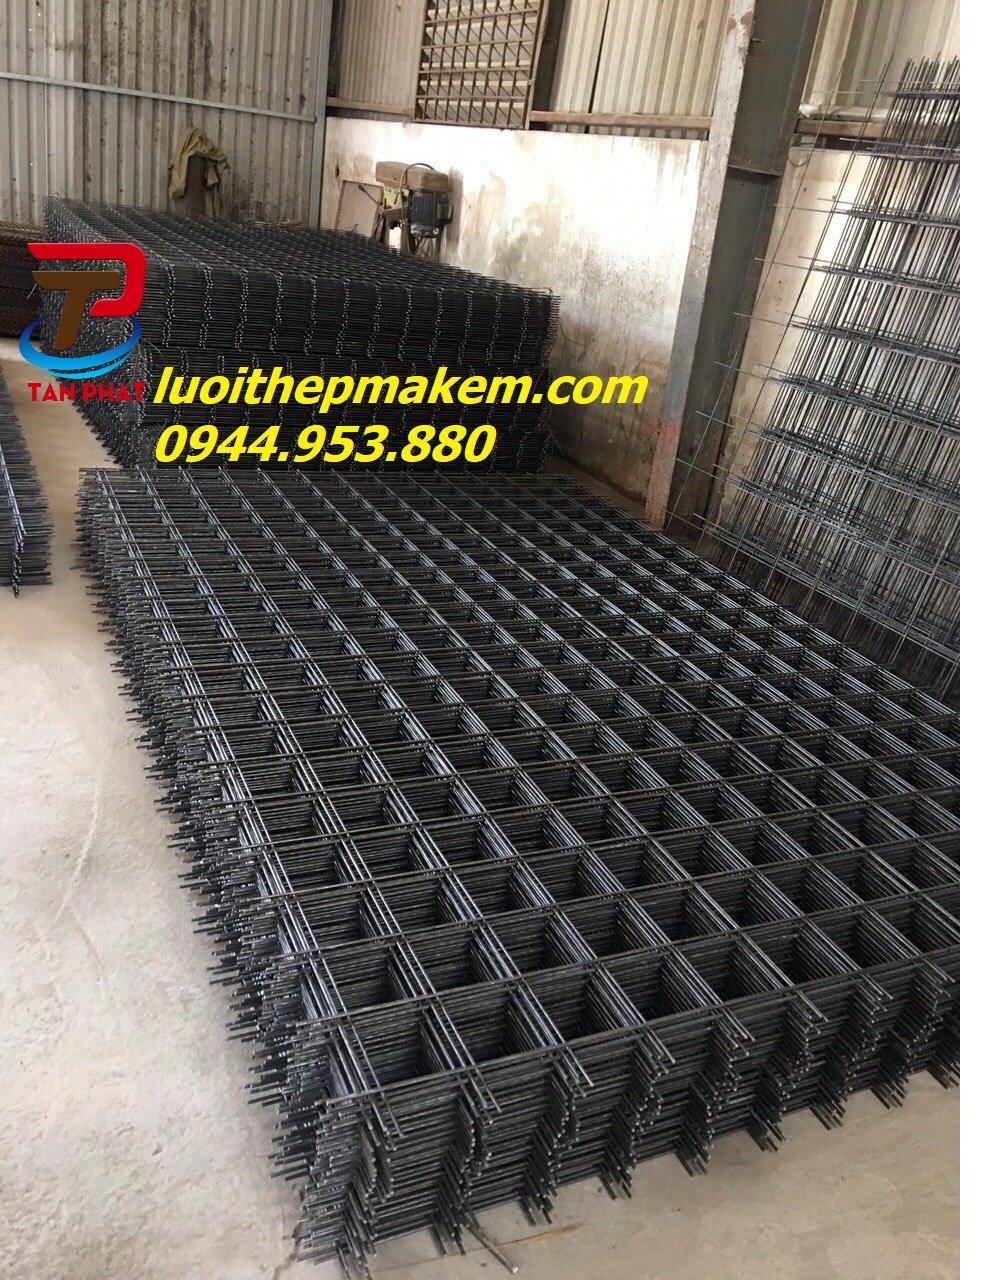 Lưới thép hàn đổ sàn D4 , D5, D6... a100x100, 200x200, giá lưới thép hàn